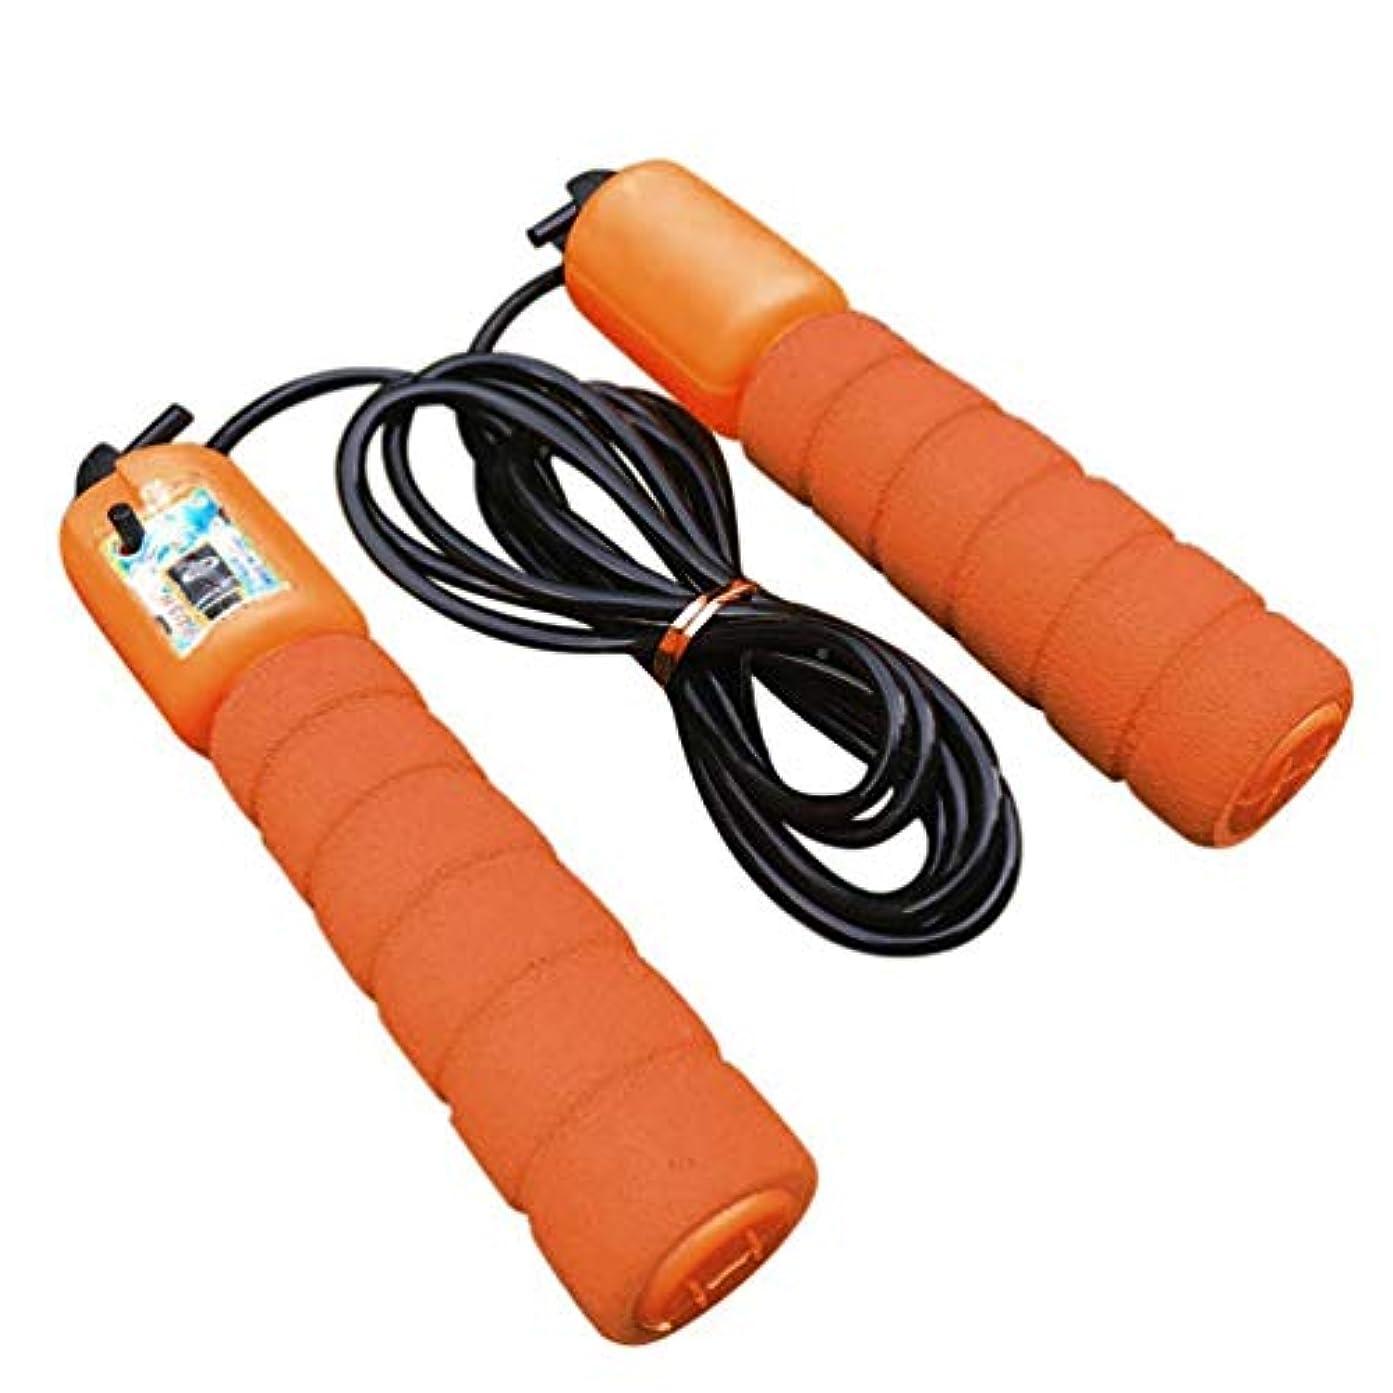 ぬいぐるみ製作にんじん調整可能なプロフェッショナルカウントスキップロープ自動カウントジャンプロープフィットネスエクササイズ高速スピードカウントジャンプロープ-オレンジ